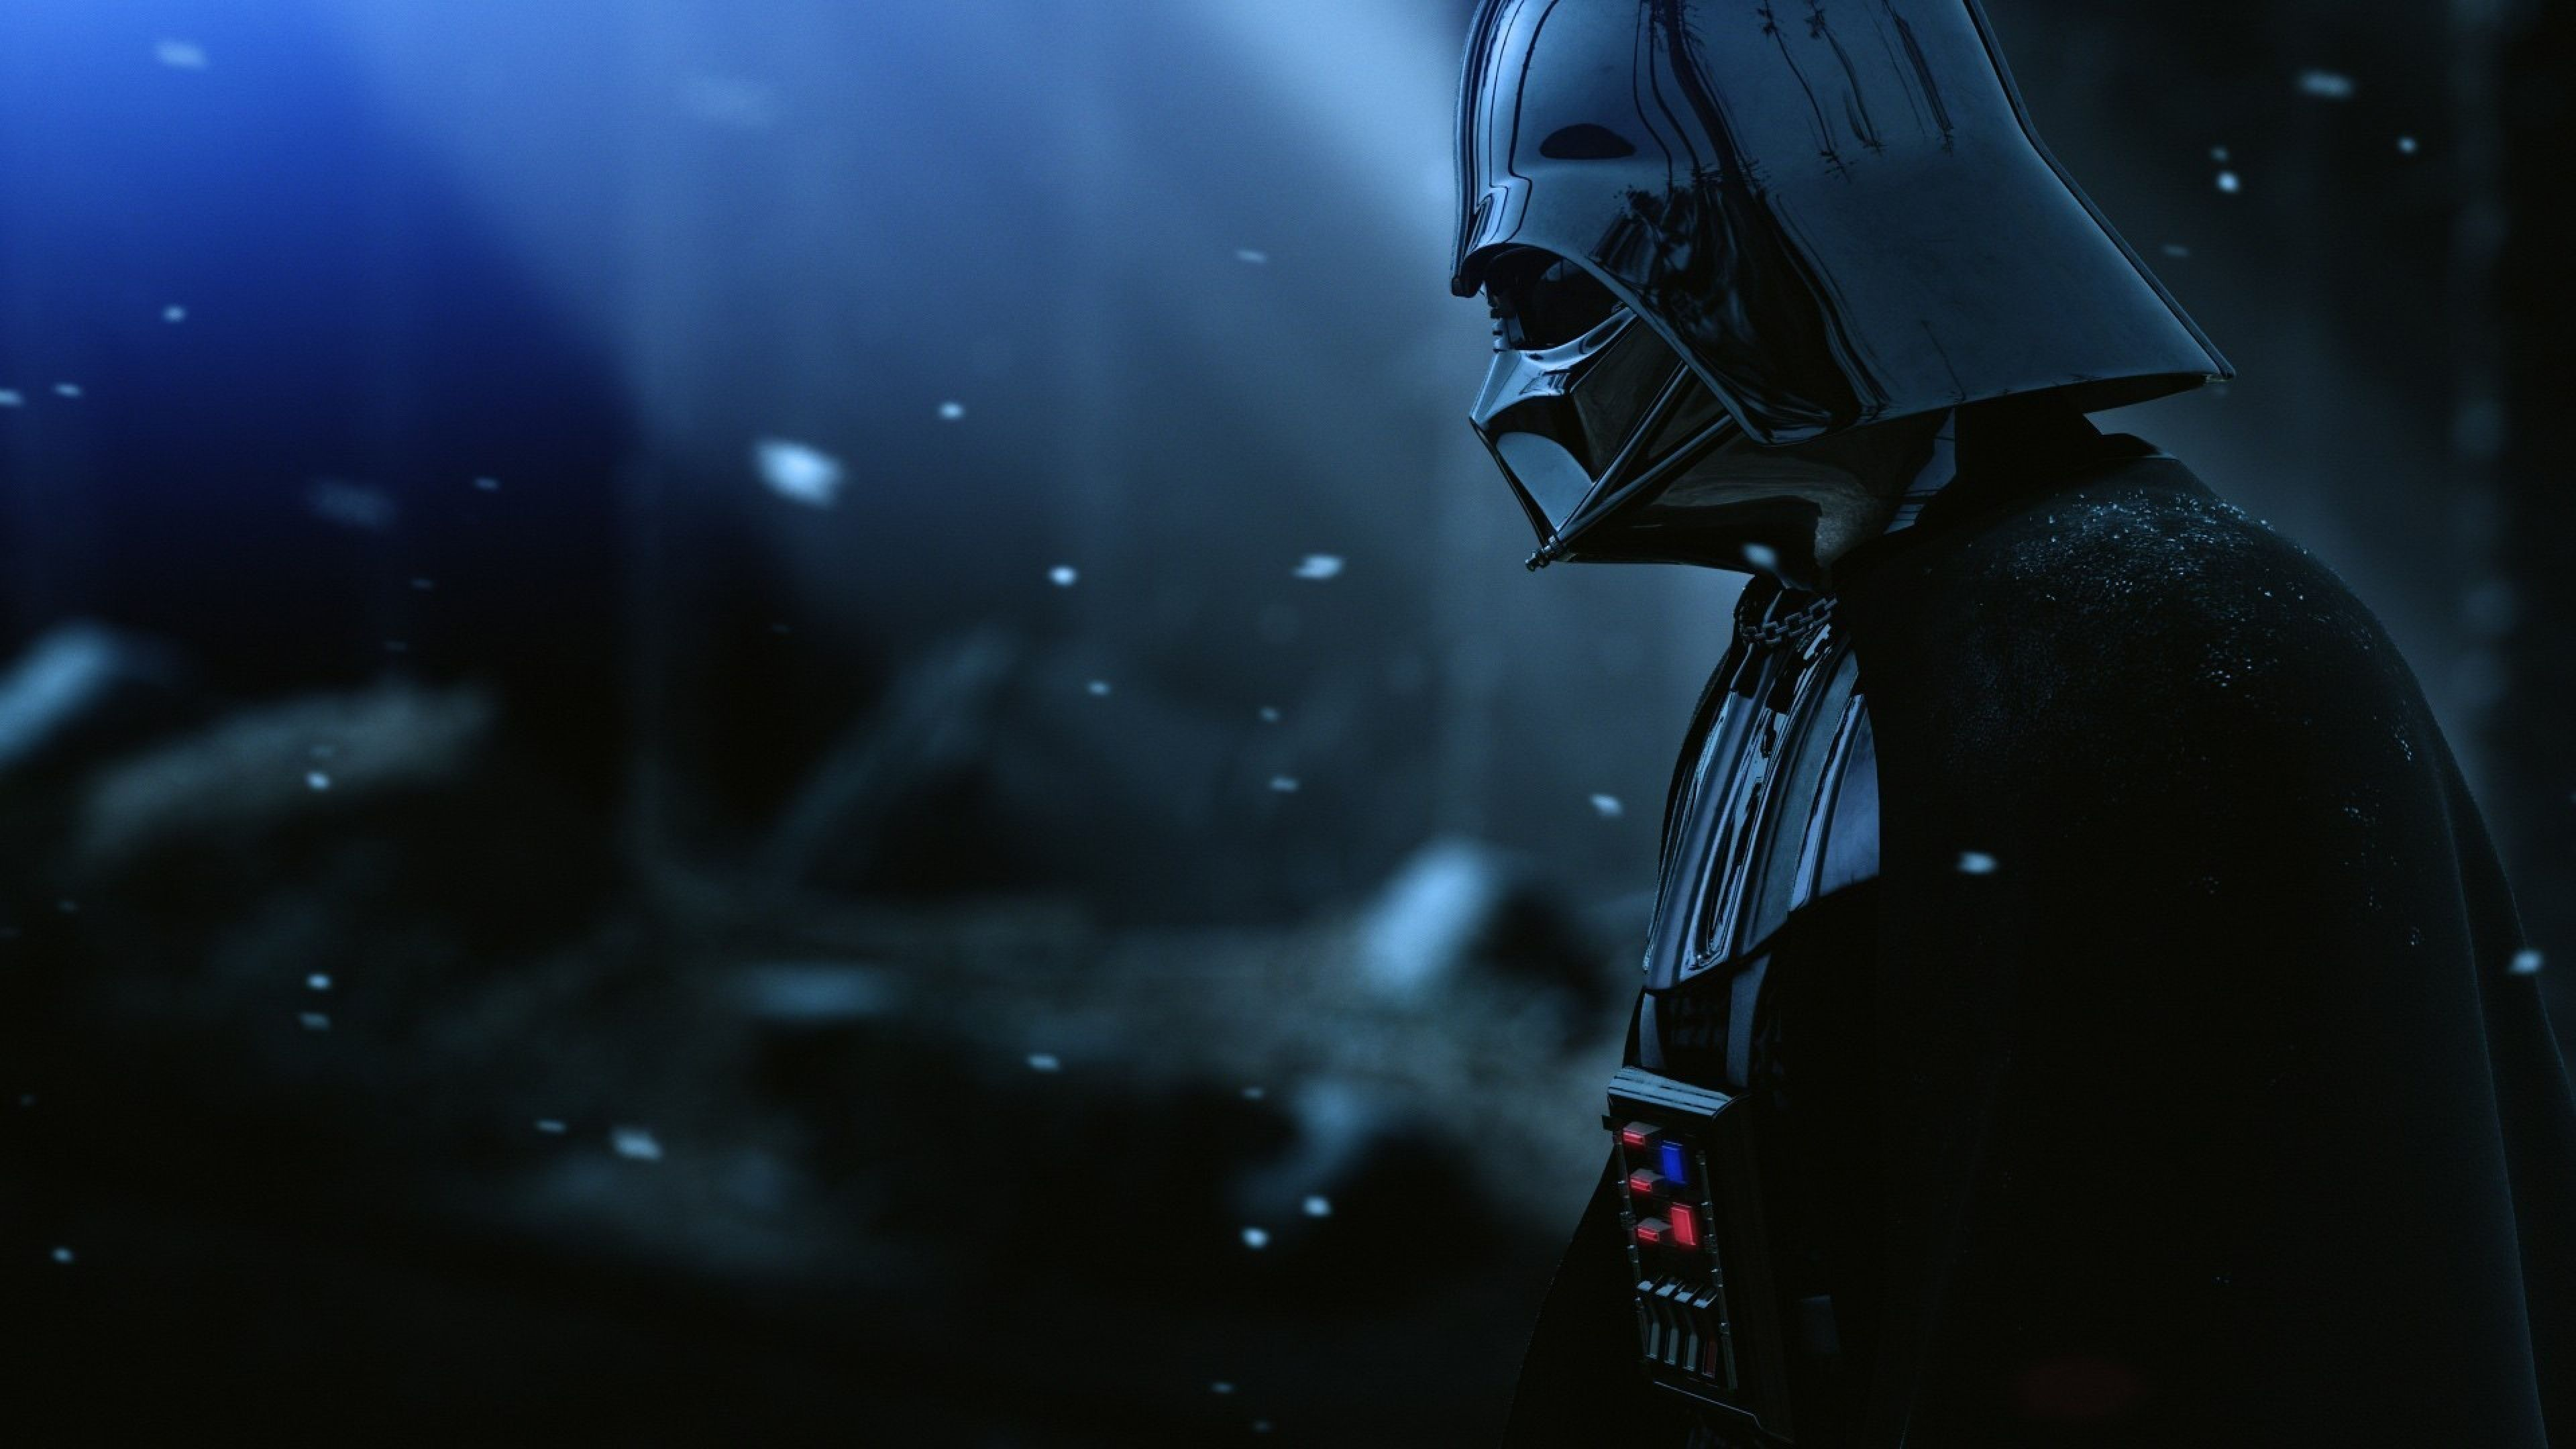 50 Star Wars Wallpaper Ideas Star Wars Star Wars Wallpaper Star Wars Art